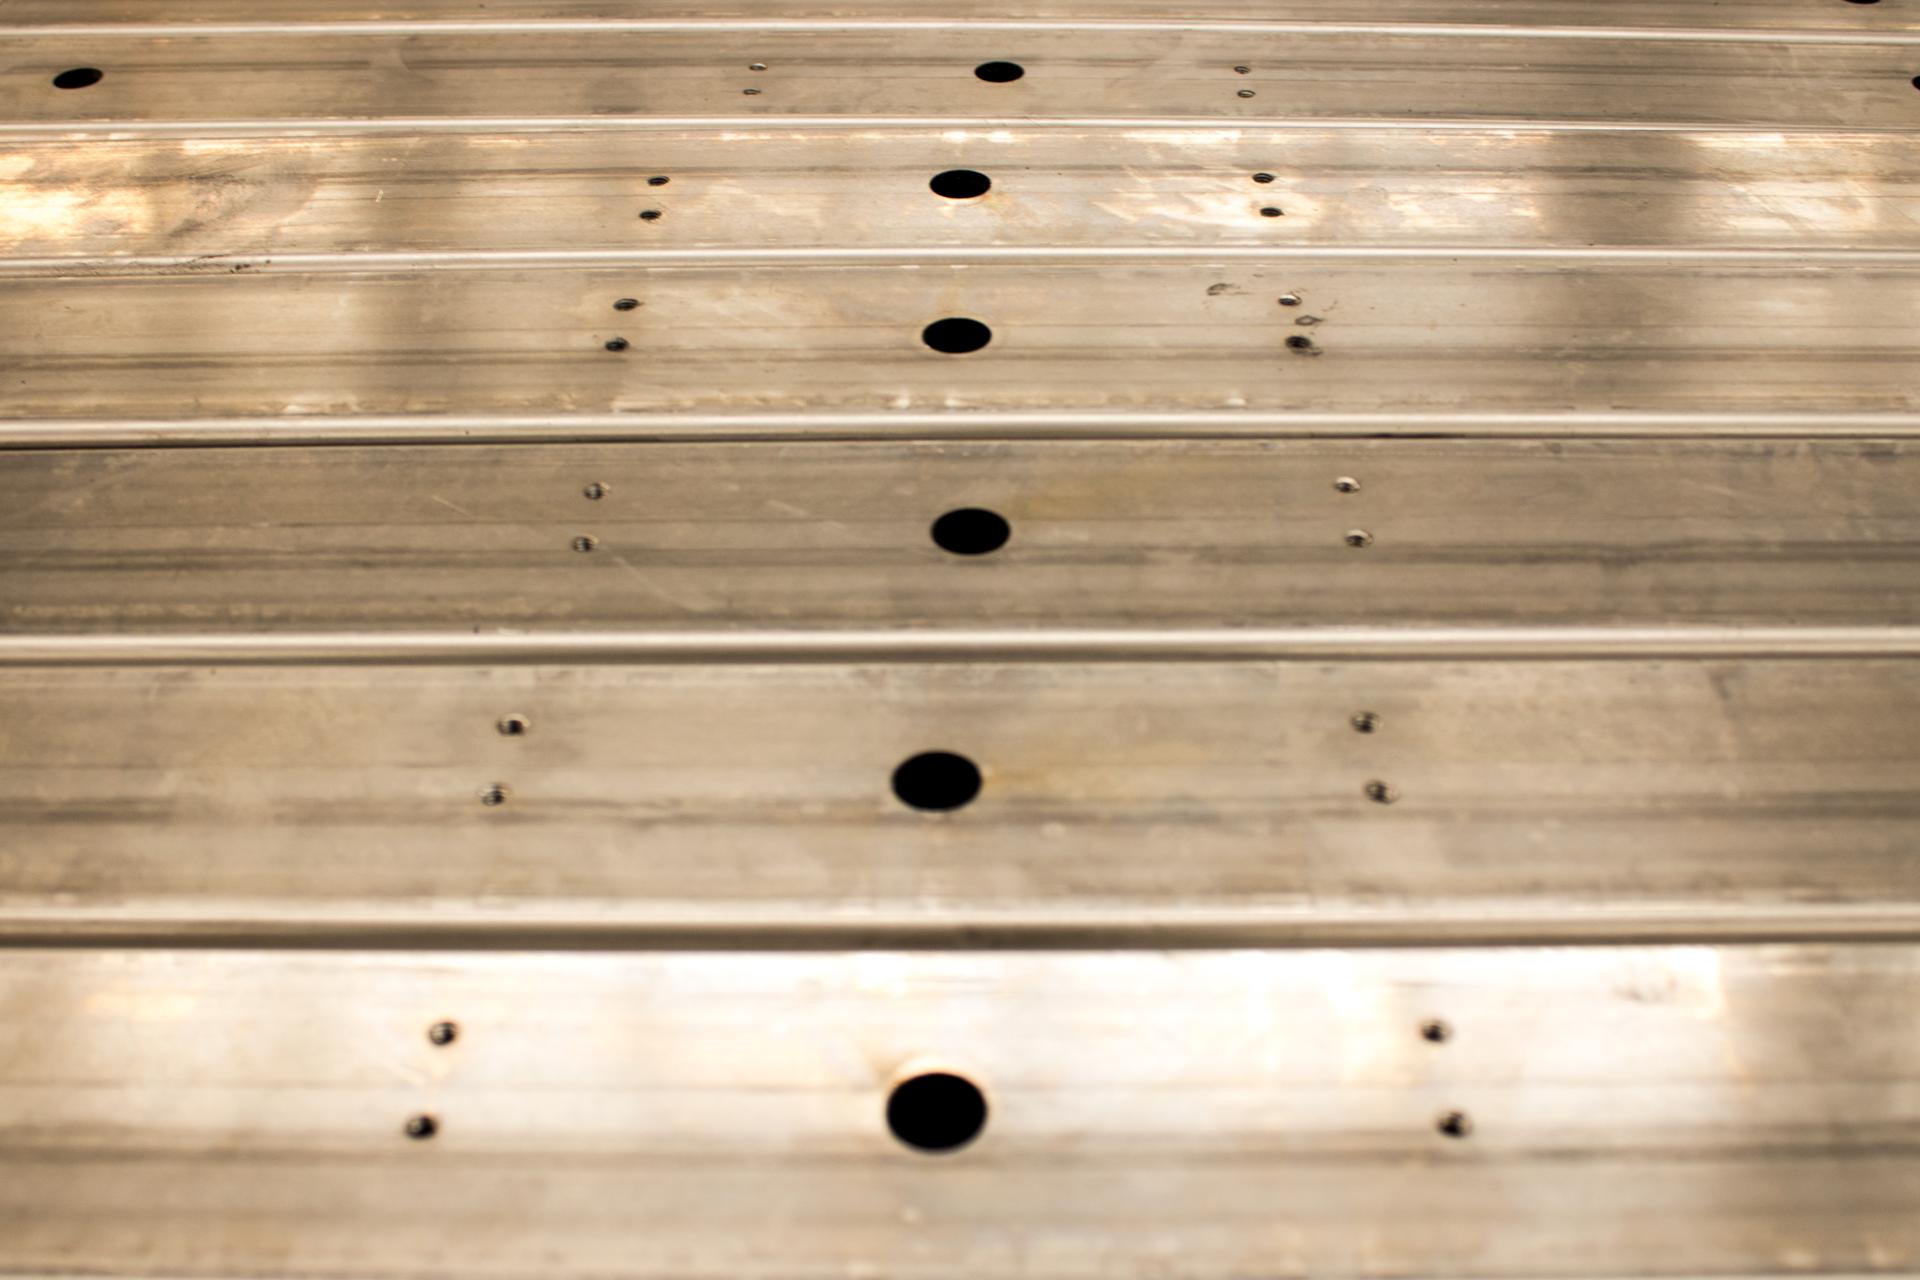 pailería - La pailería tiene como función principal la construcción de depósitos aptos para el almacenaje y transporte de sólidos en forma de granos, líquidos y gas.